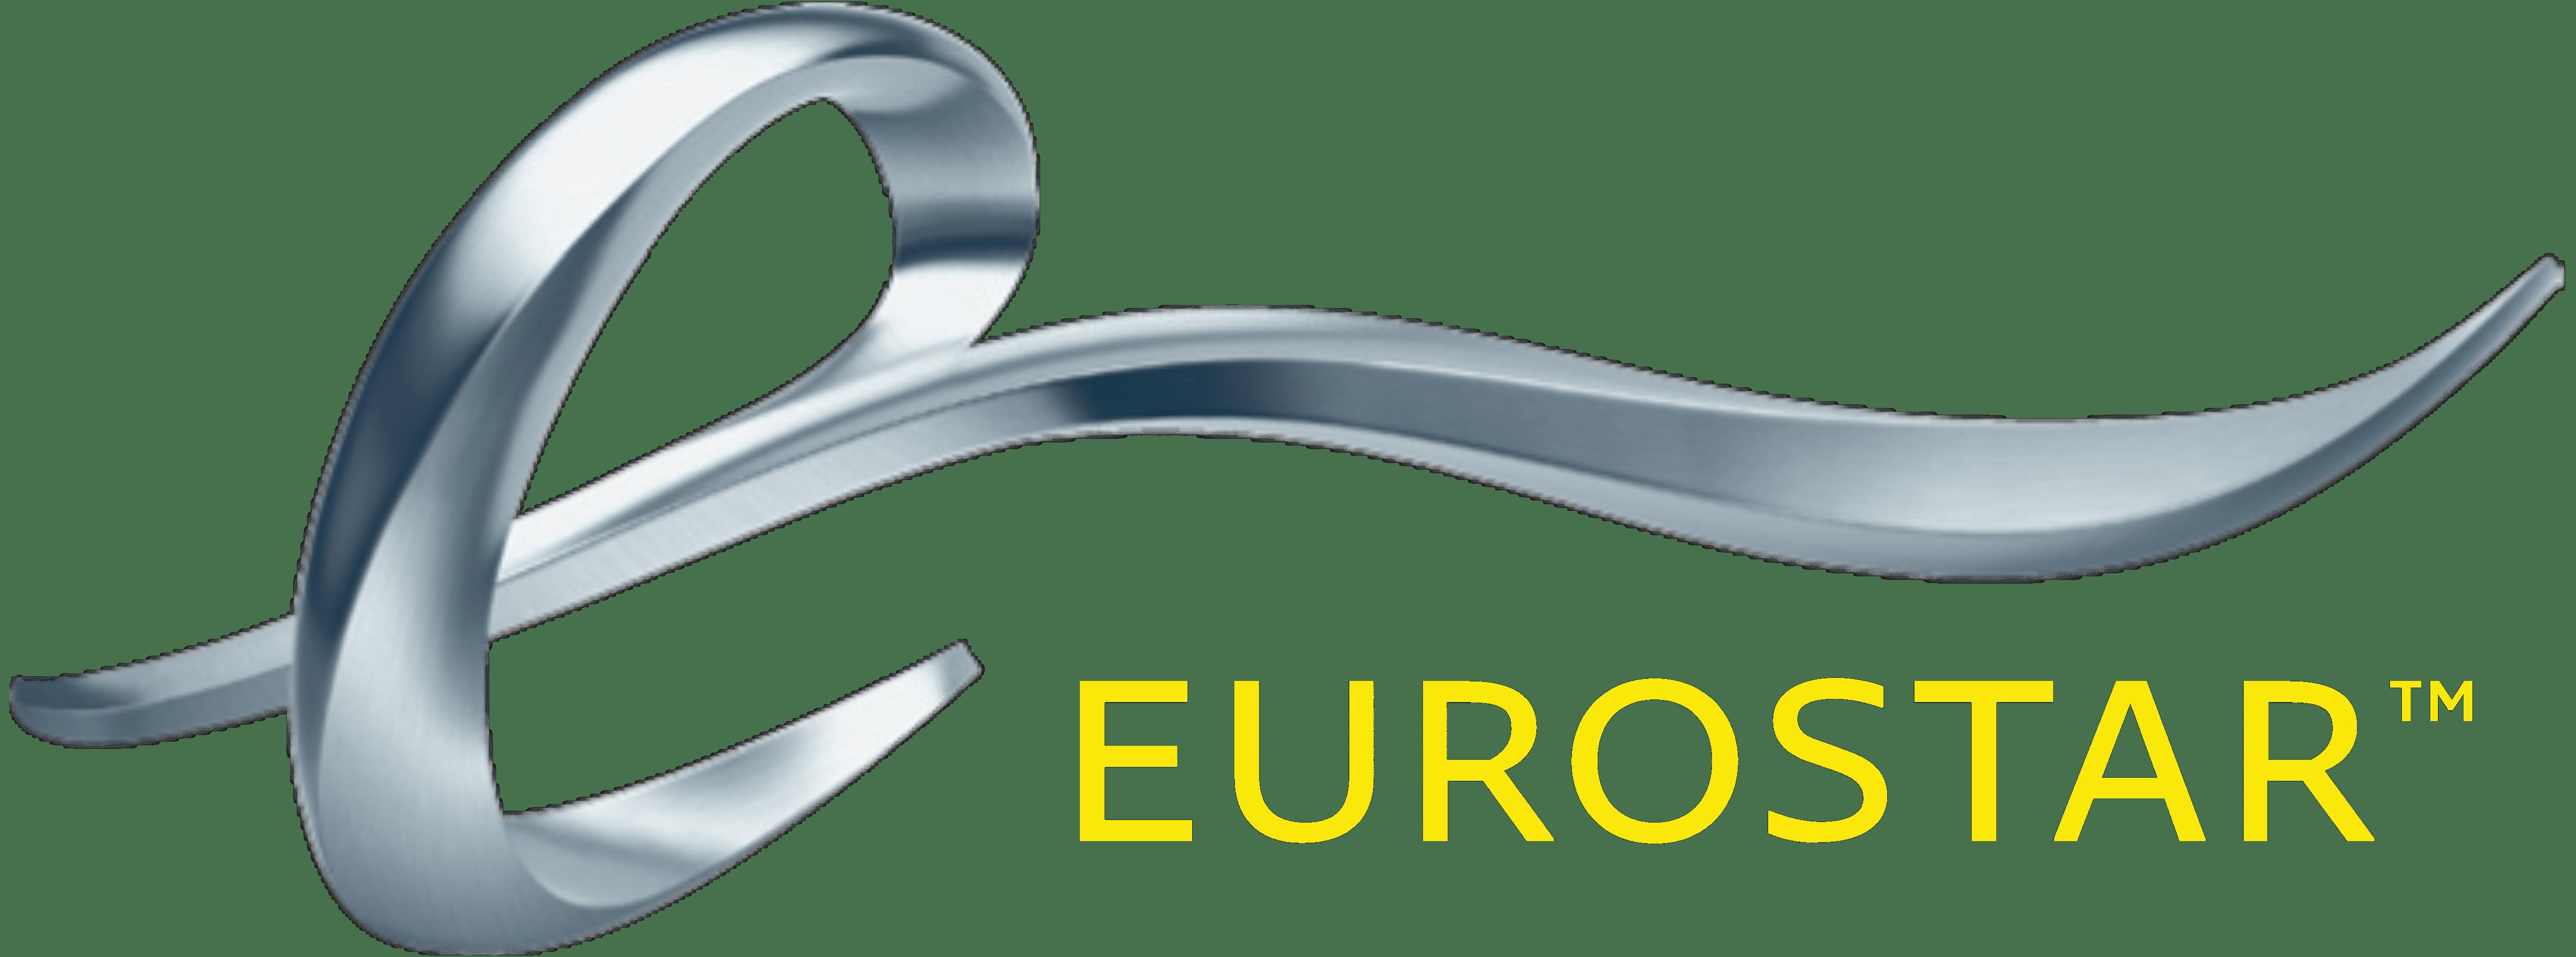 Image result for eurostar logo